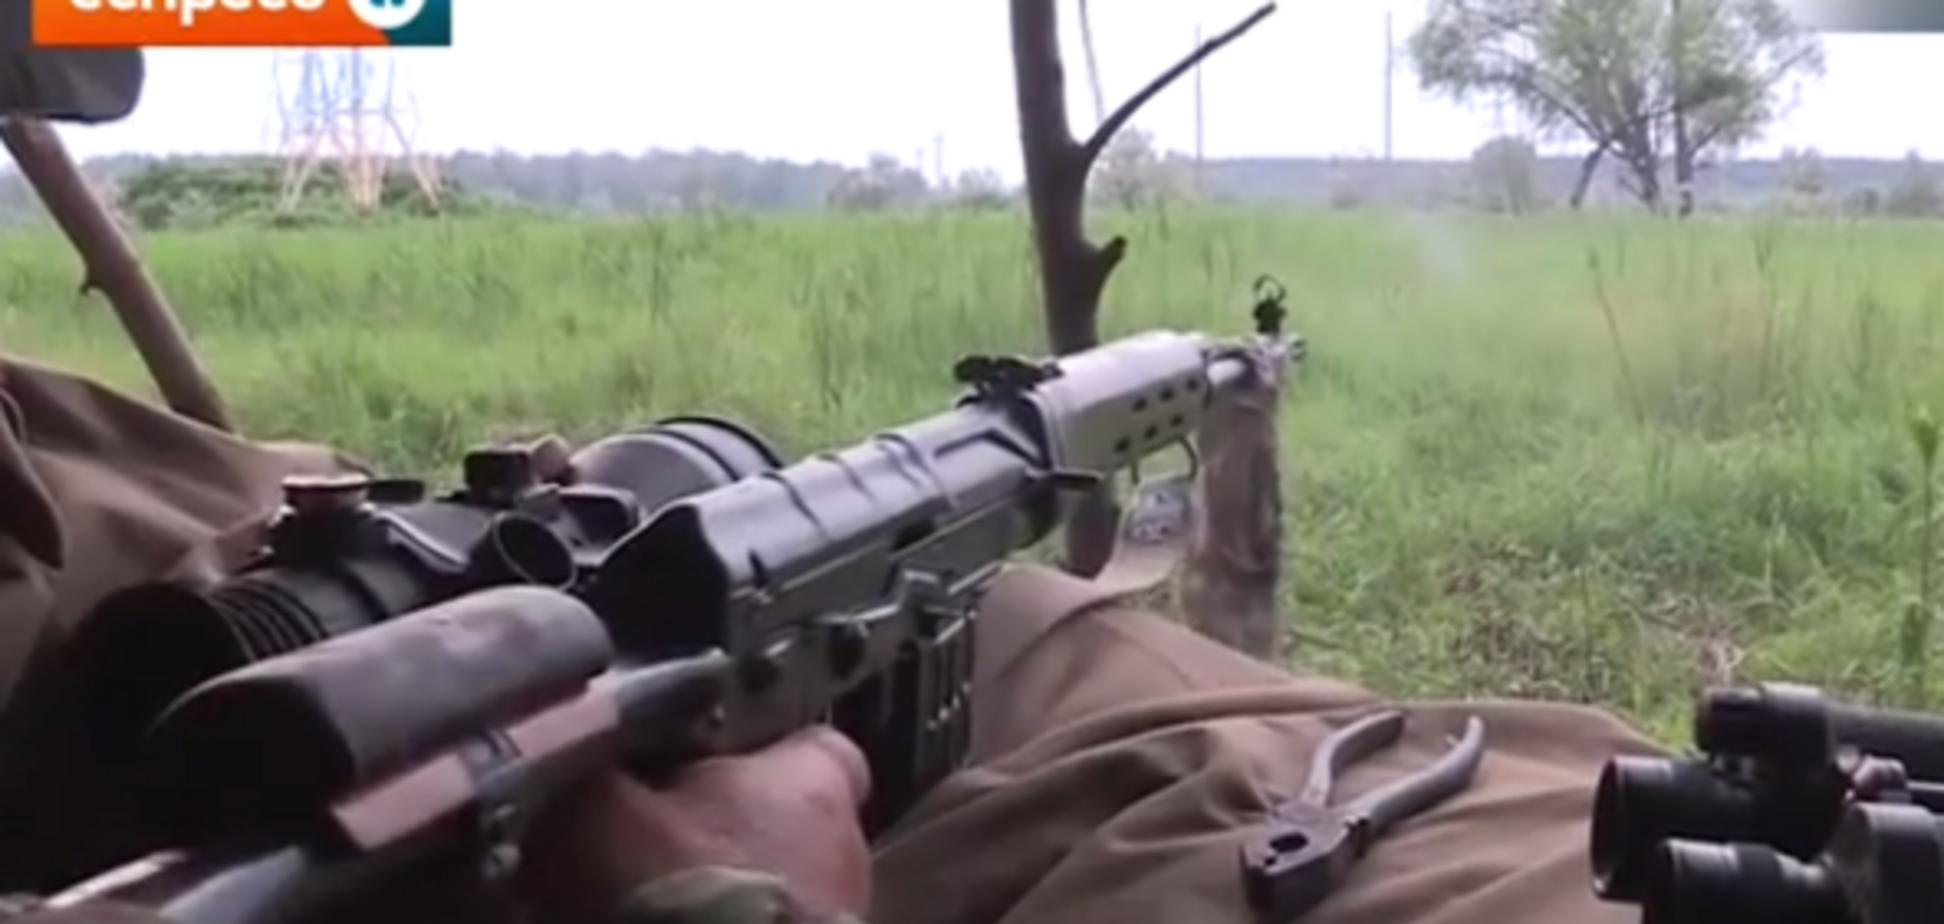 Бойцы АТО испытали новые снайперские прицелы. Видеофакт